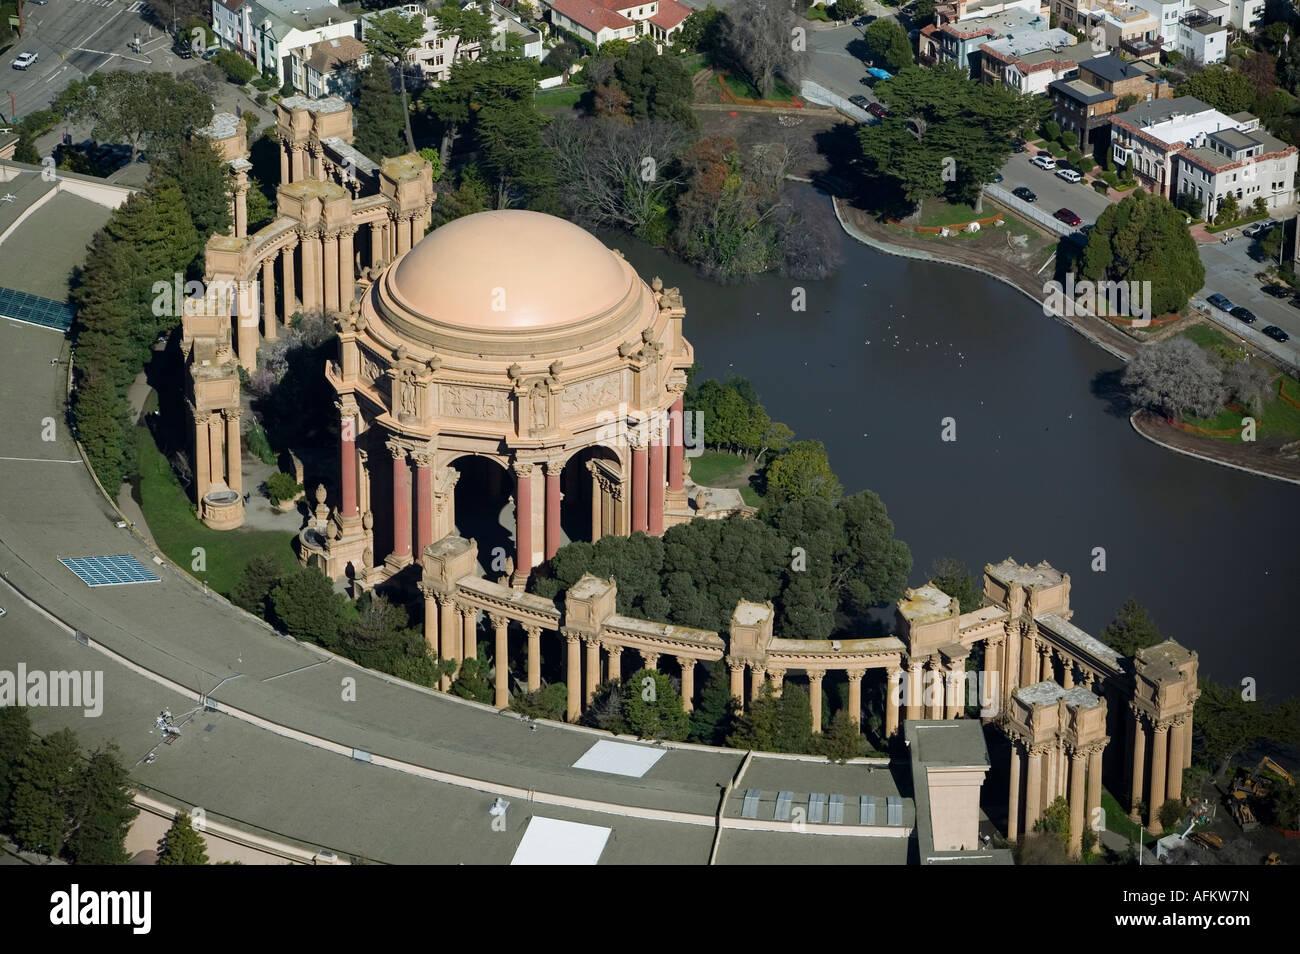 Vue aérienne au-dessus du Palais des Beaux-Arts, Exploratorium San Francisco CA Photo Stock